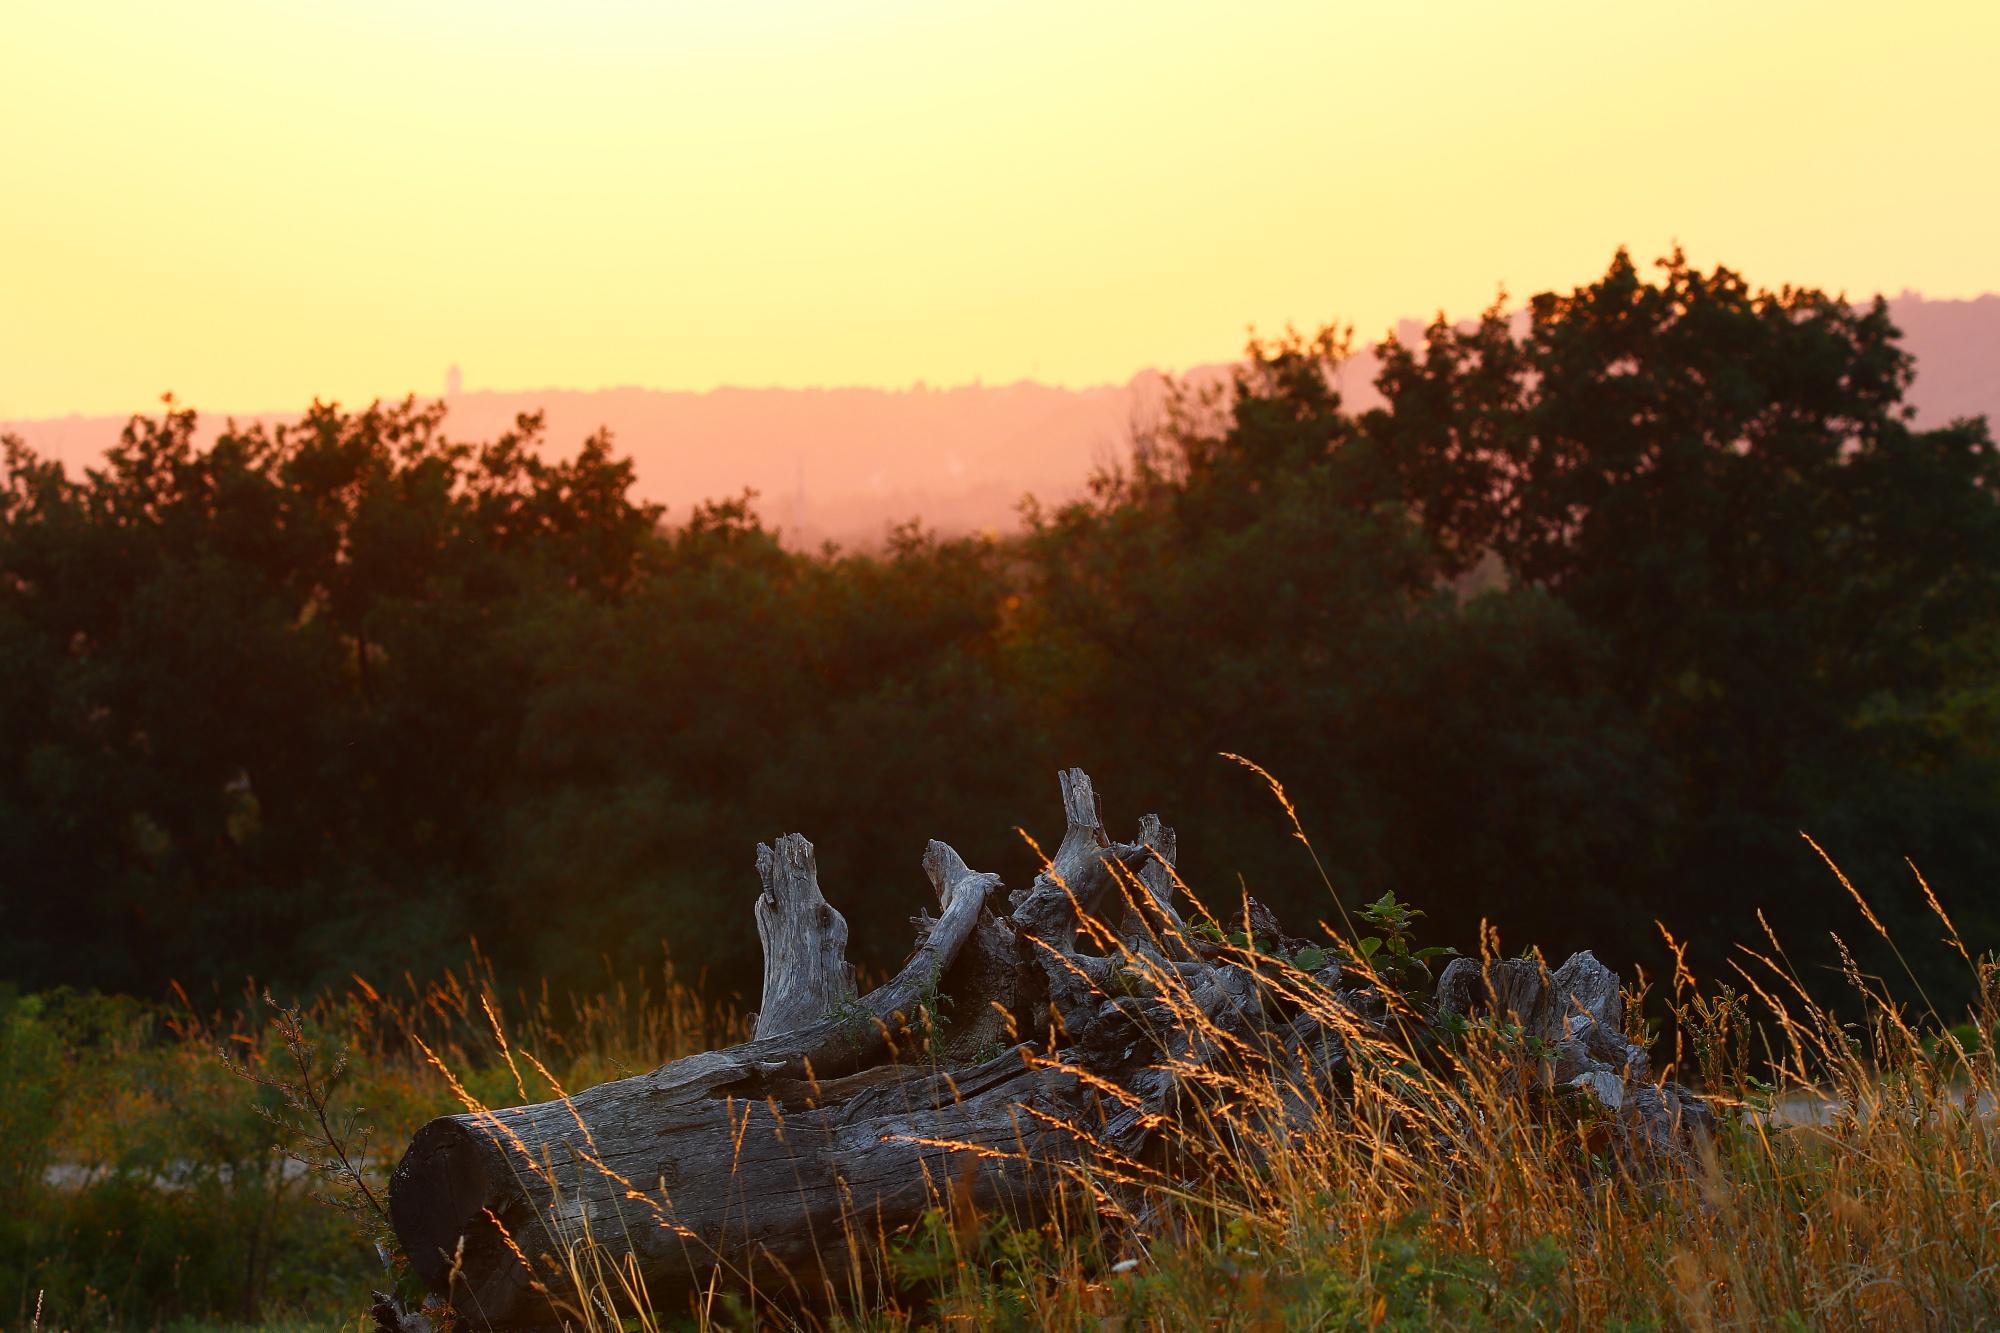 Baumstumpf in der Abendsonne